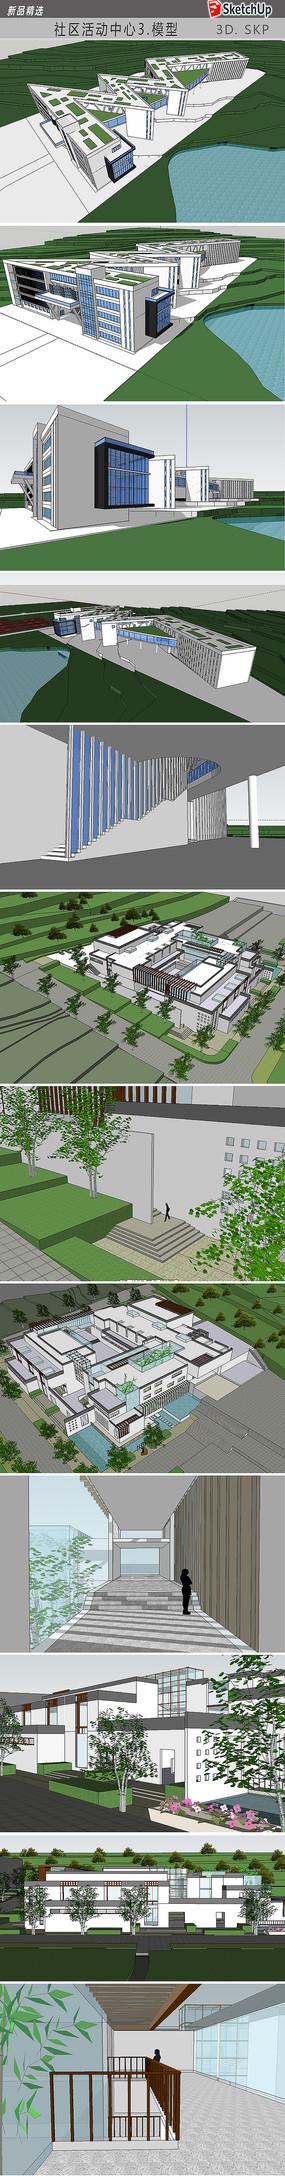 社区景观建筑模型